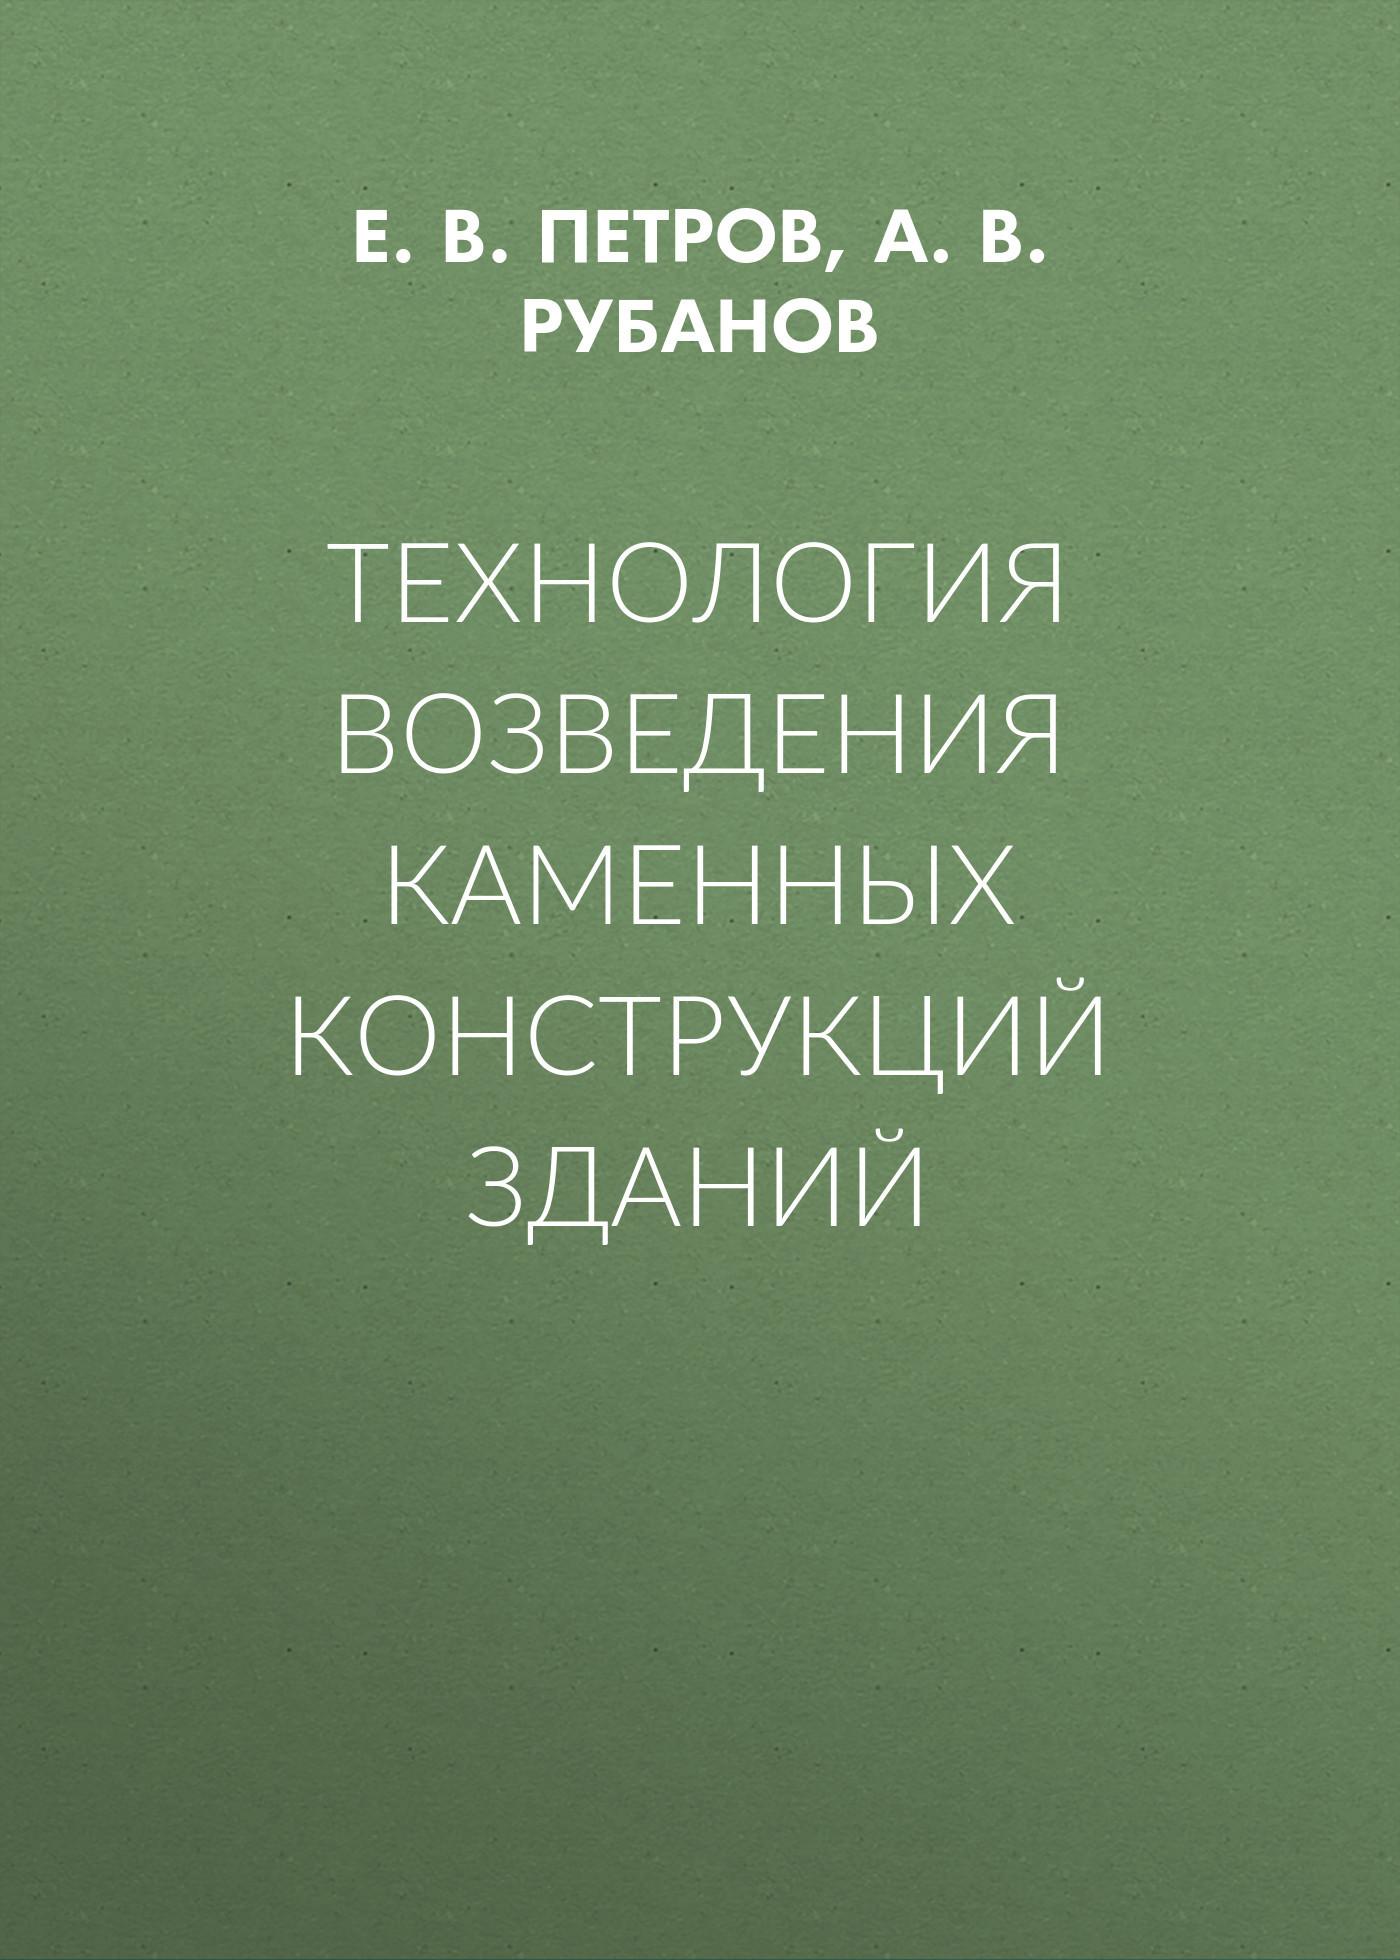 А. В. Рубанов Технология возведения каменных конструкций зданий